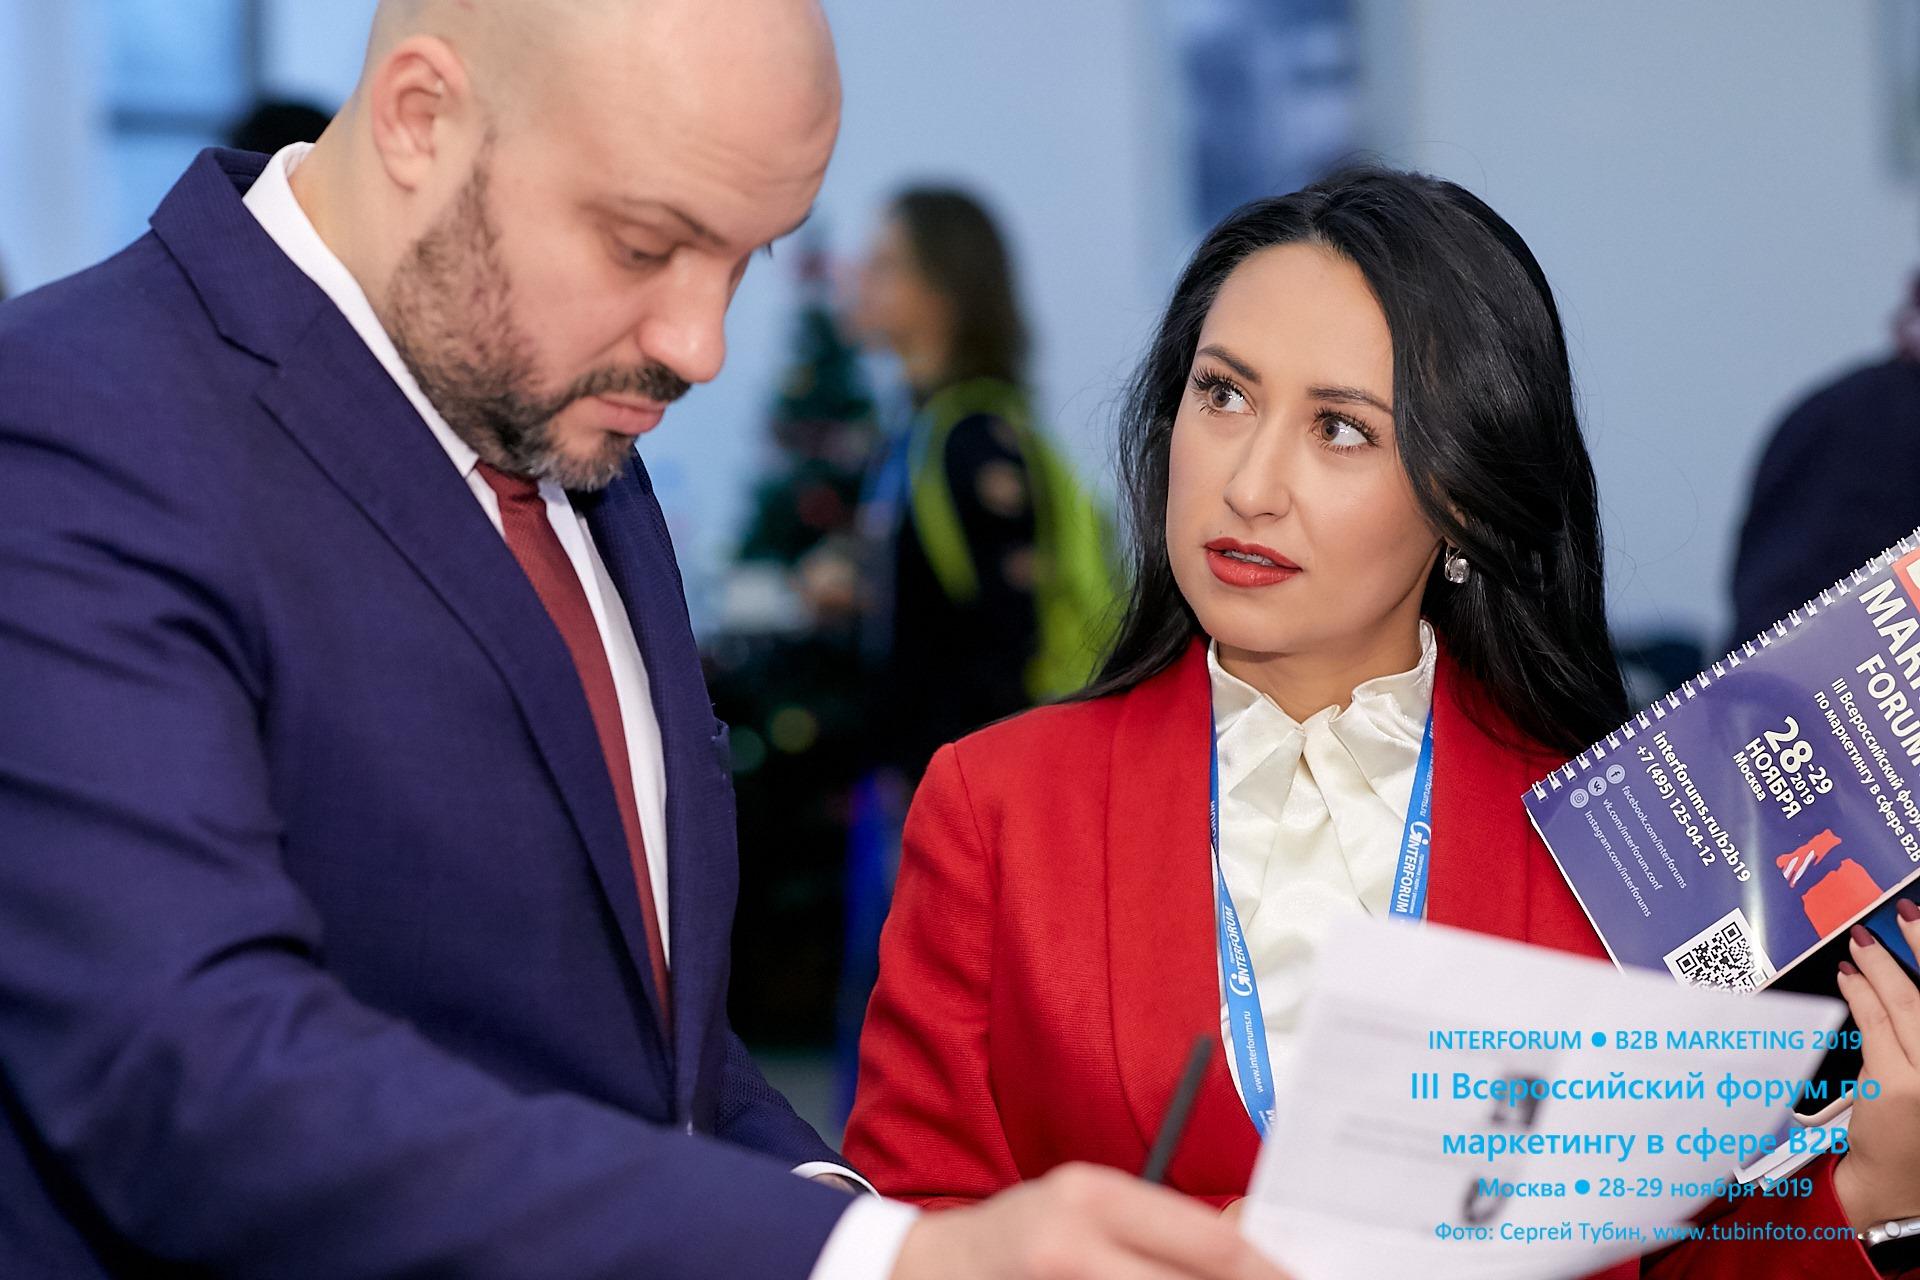 КОМПАНИЯ АРМАН НА B2B MARKETING FORUM 2019